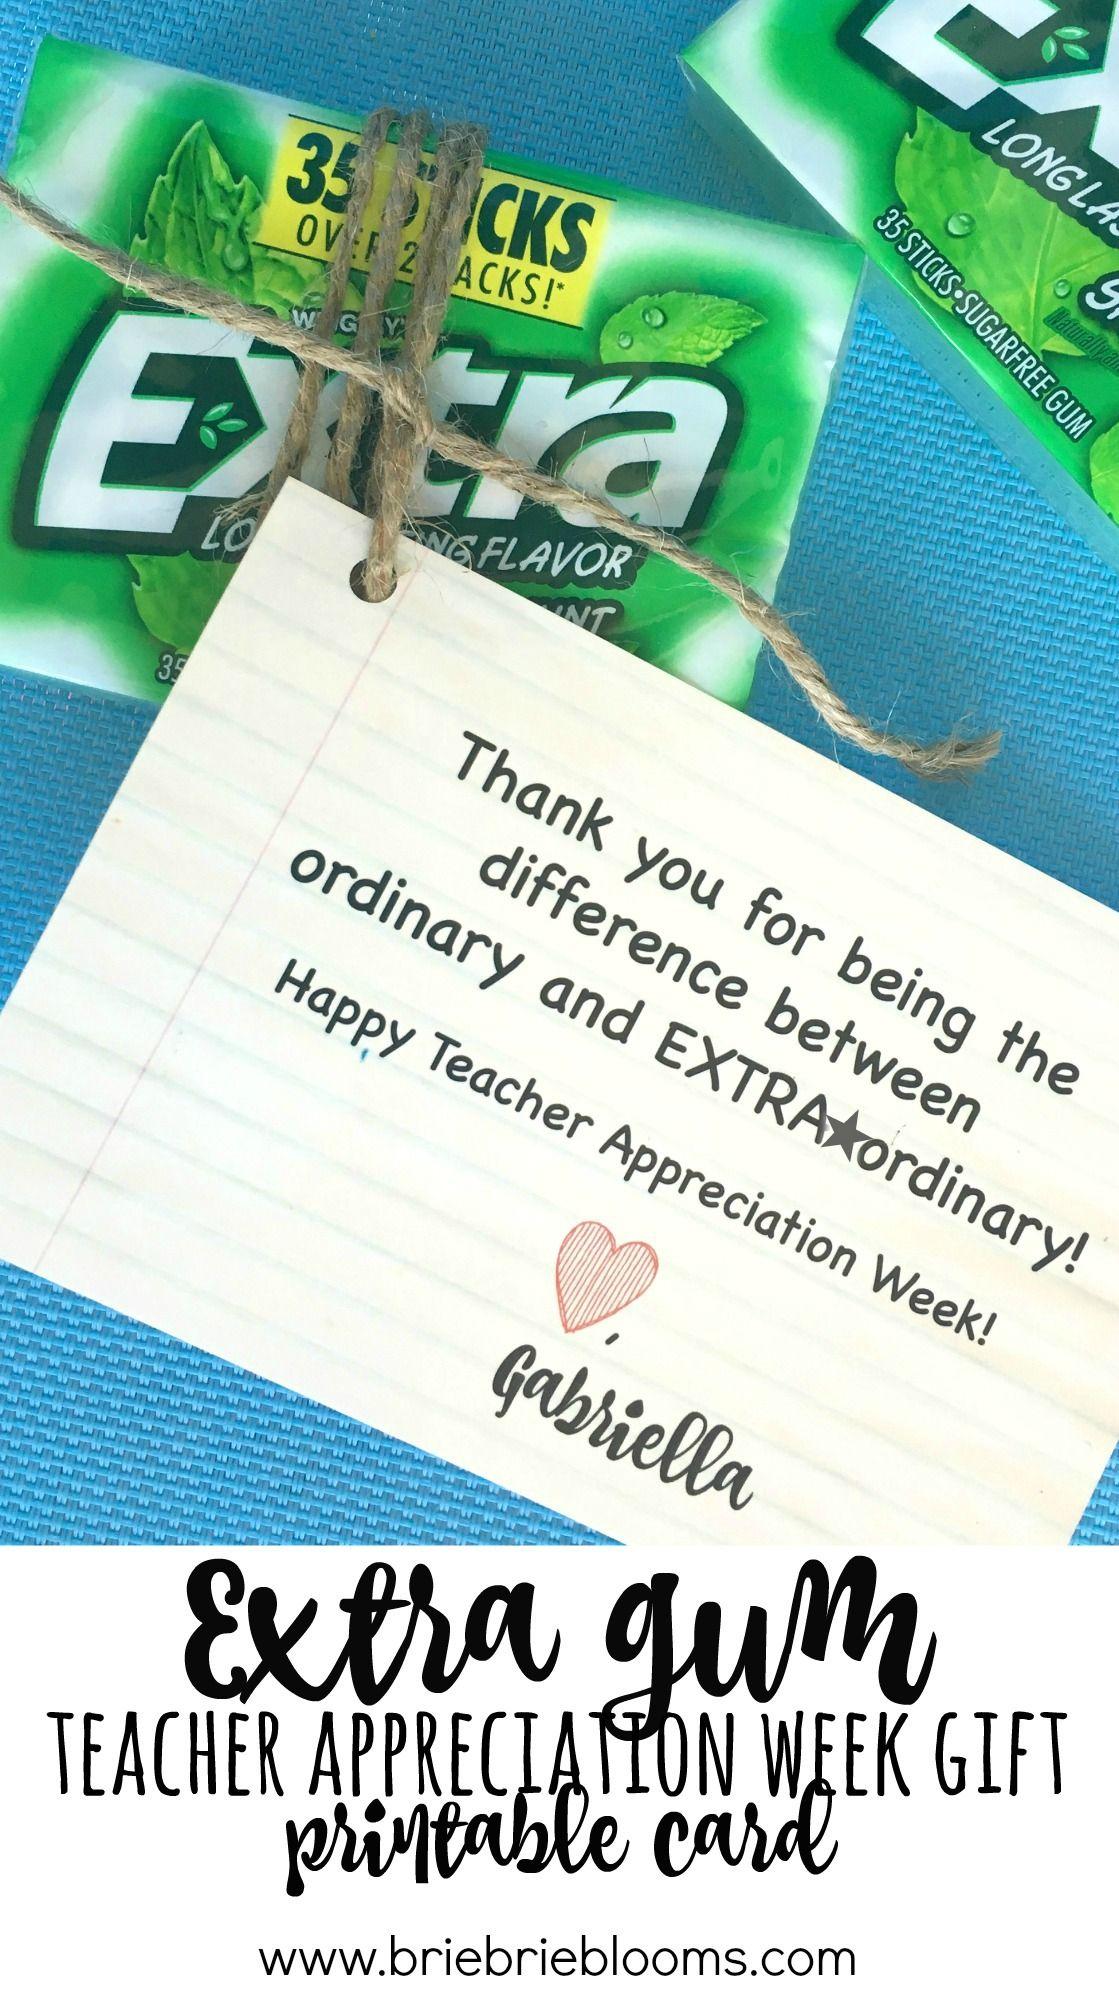 photo relating to Extra Gum Teacher Appreciation Printable named Excess Gum Trainer Appreciation 7 days Reward Printable Card